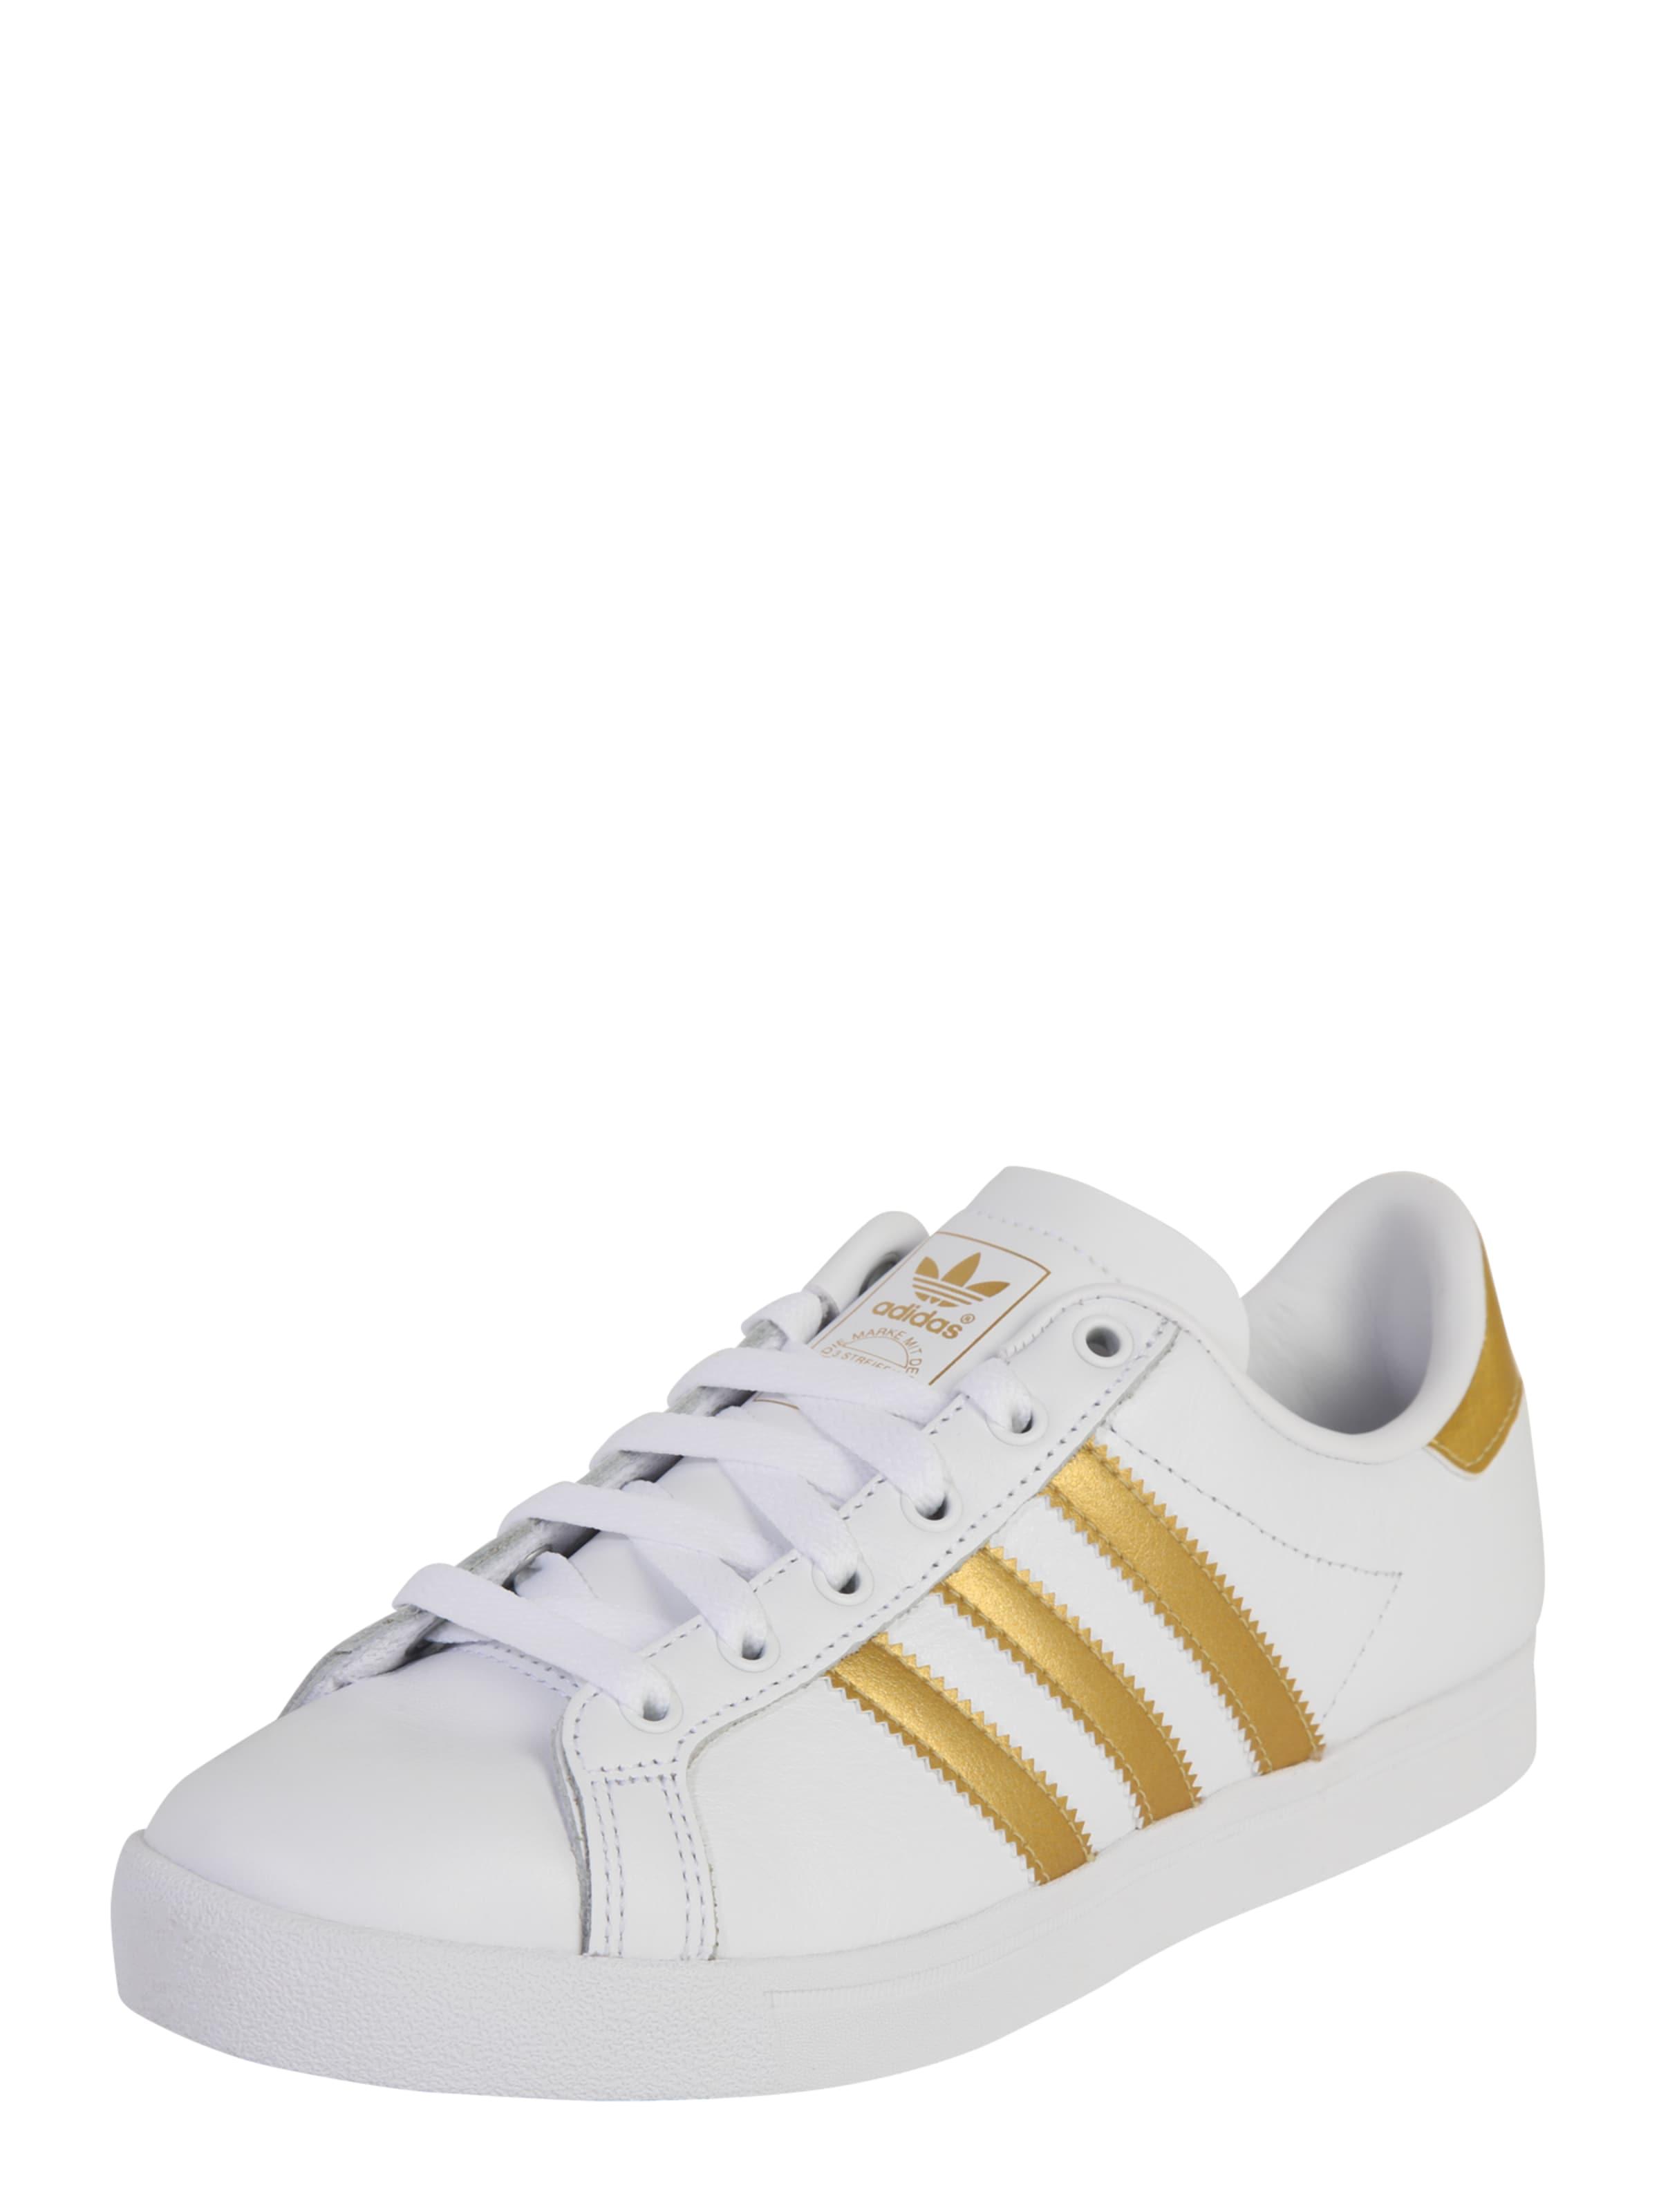 GoldWeiß Star W' Originals DamenSneaker In 'coast Adidas bygYf67